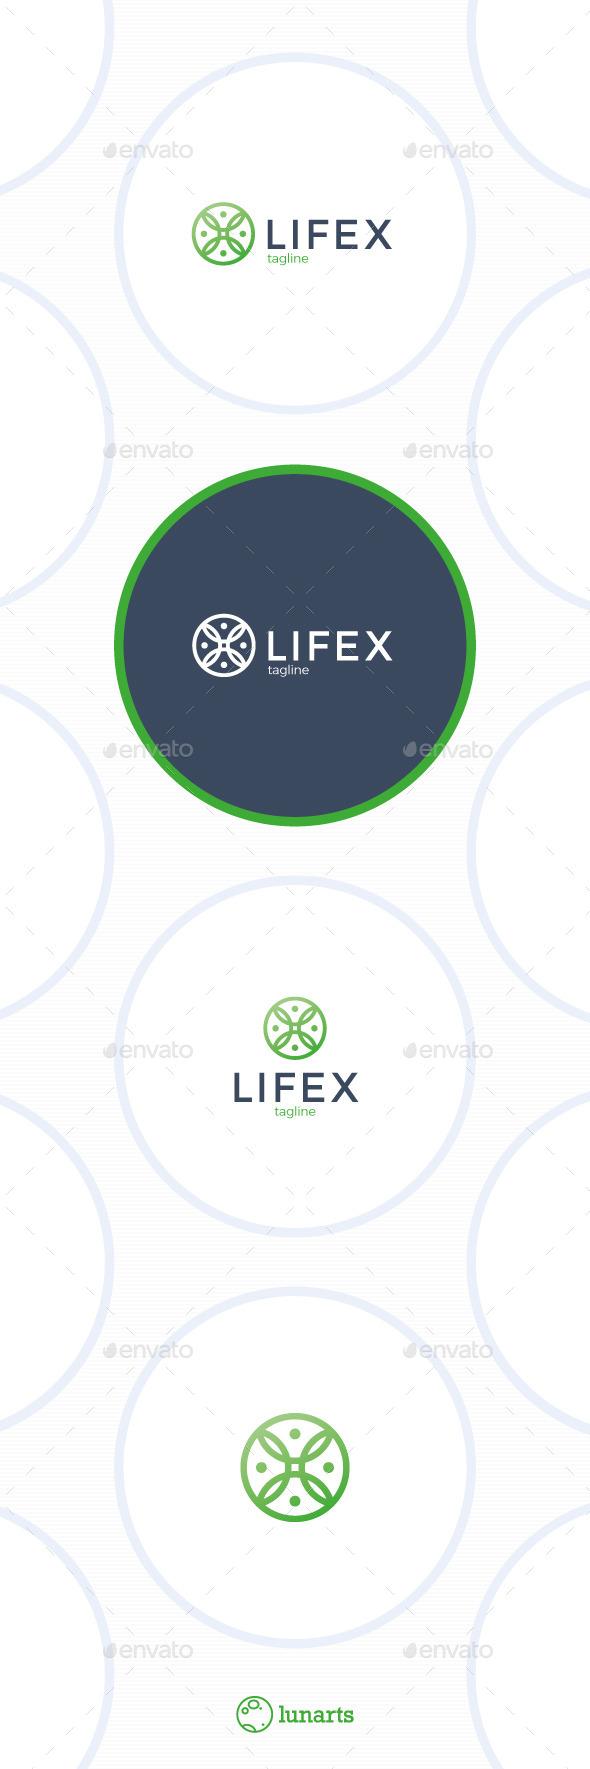 Life Yoga  Logo - Letter X - Nature Logo Templates